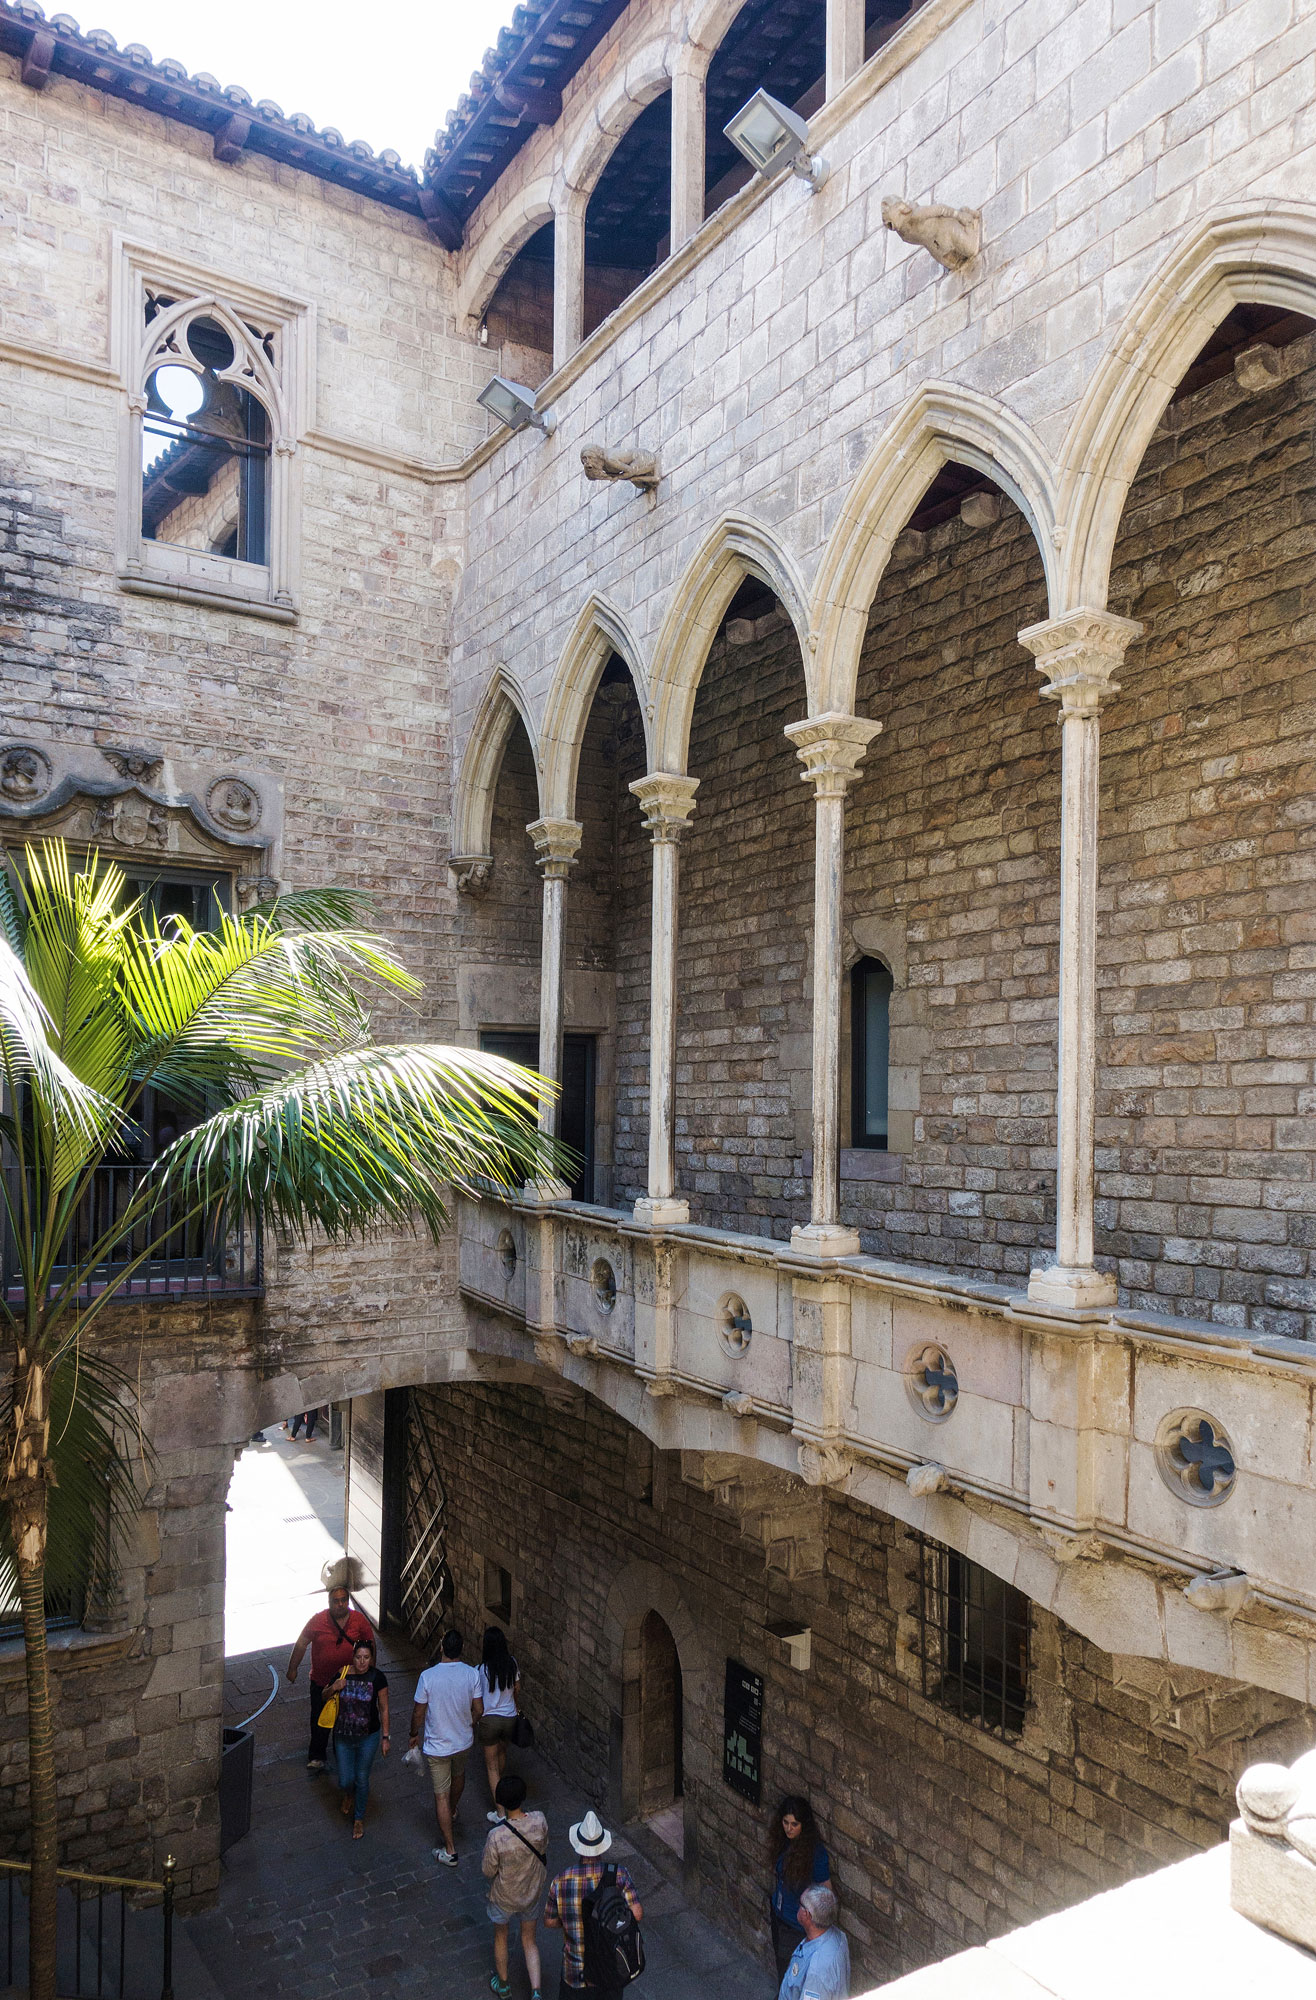 Détail de l'architecture du Musée Picasso à Barcelone.